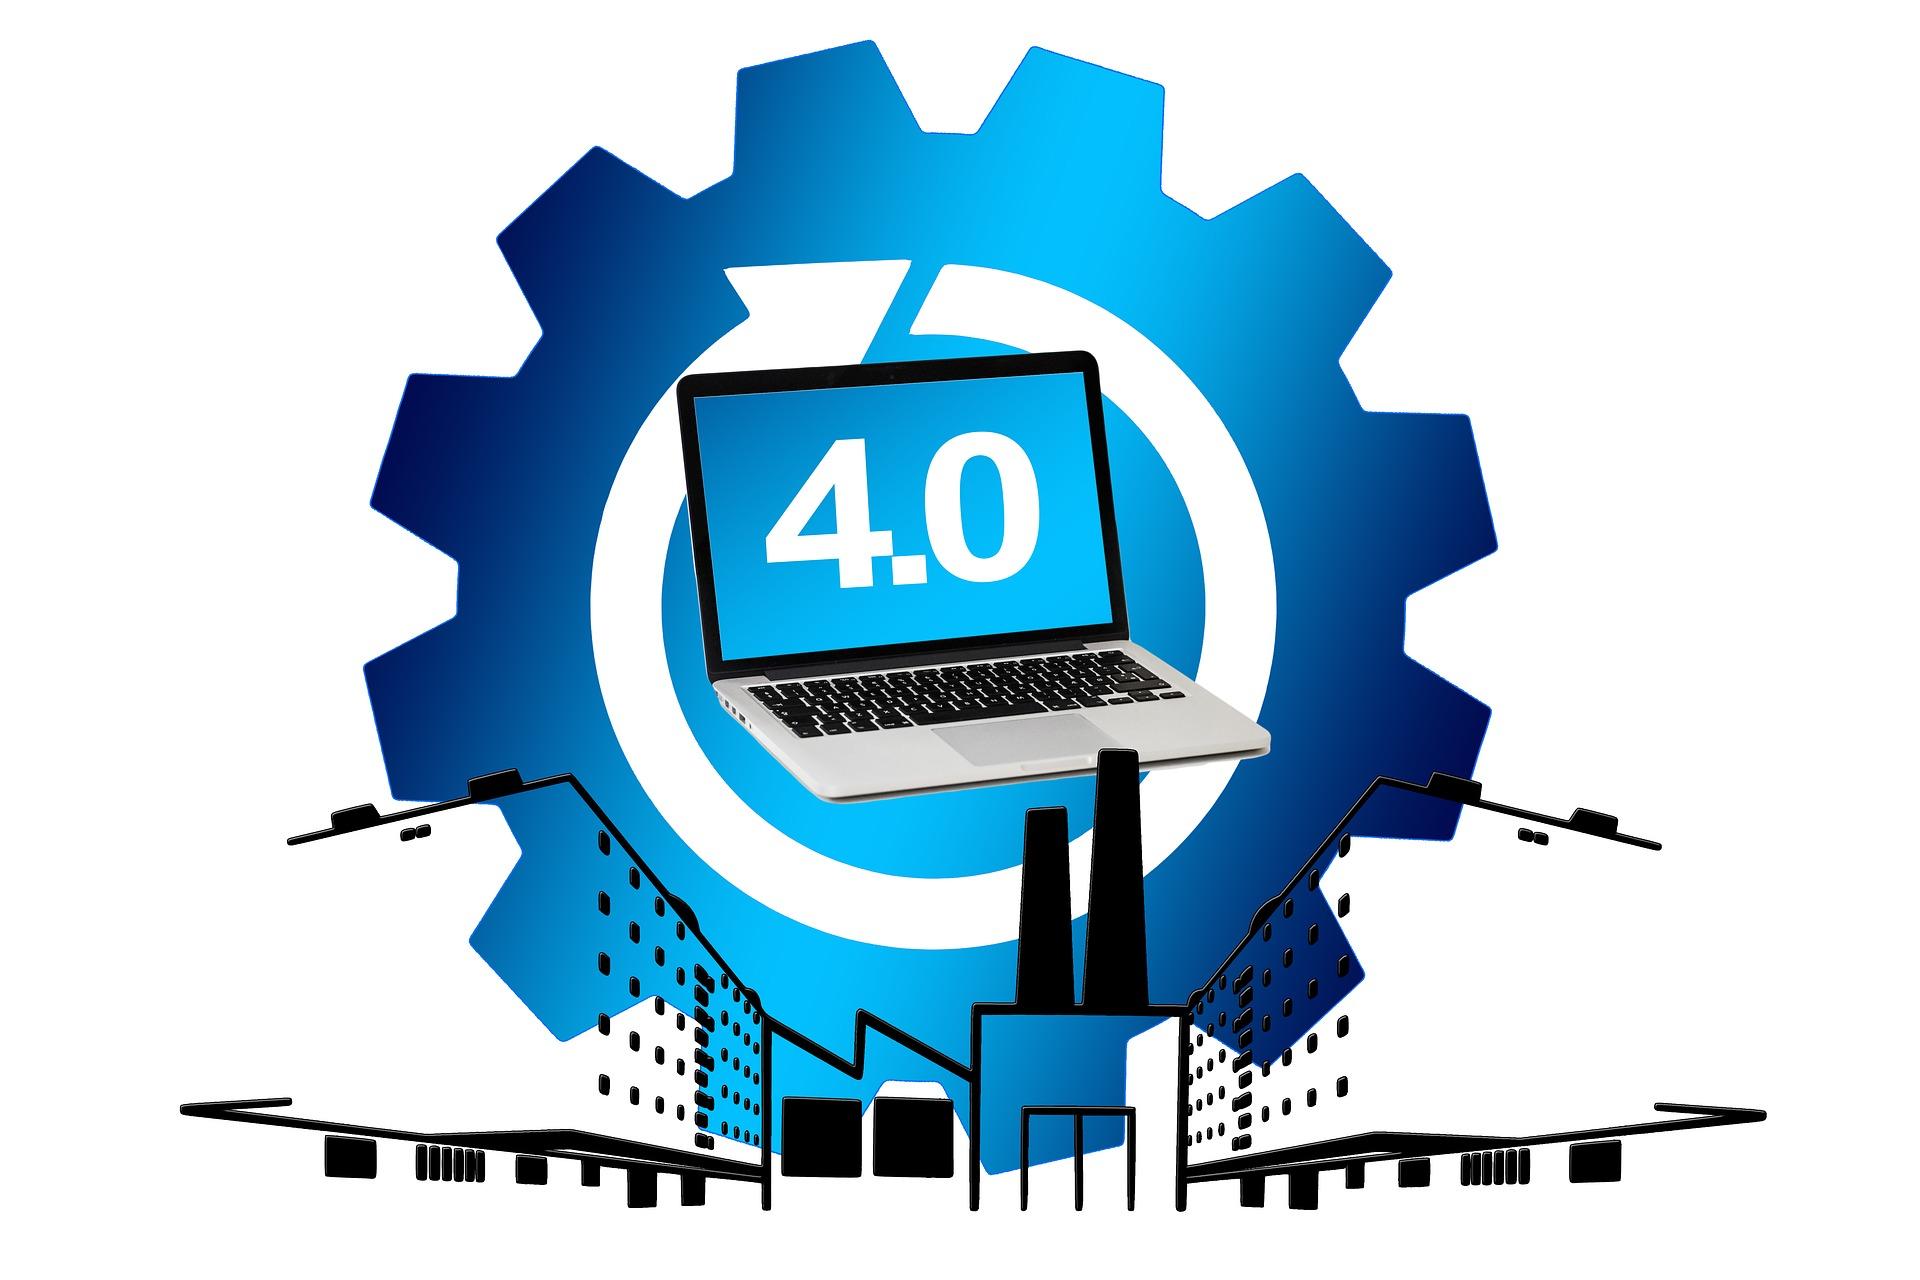 Kształcenie zawodowe na potrzeby przemysłu 4.0 i rozwijającego się rynku usług